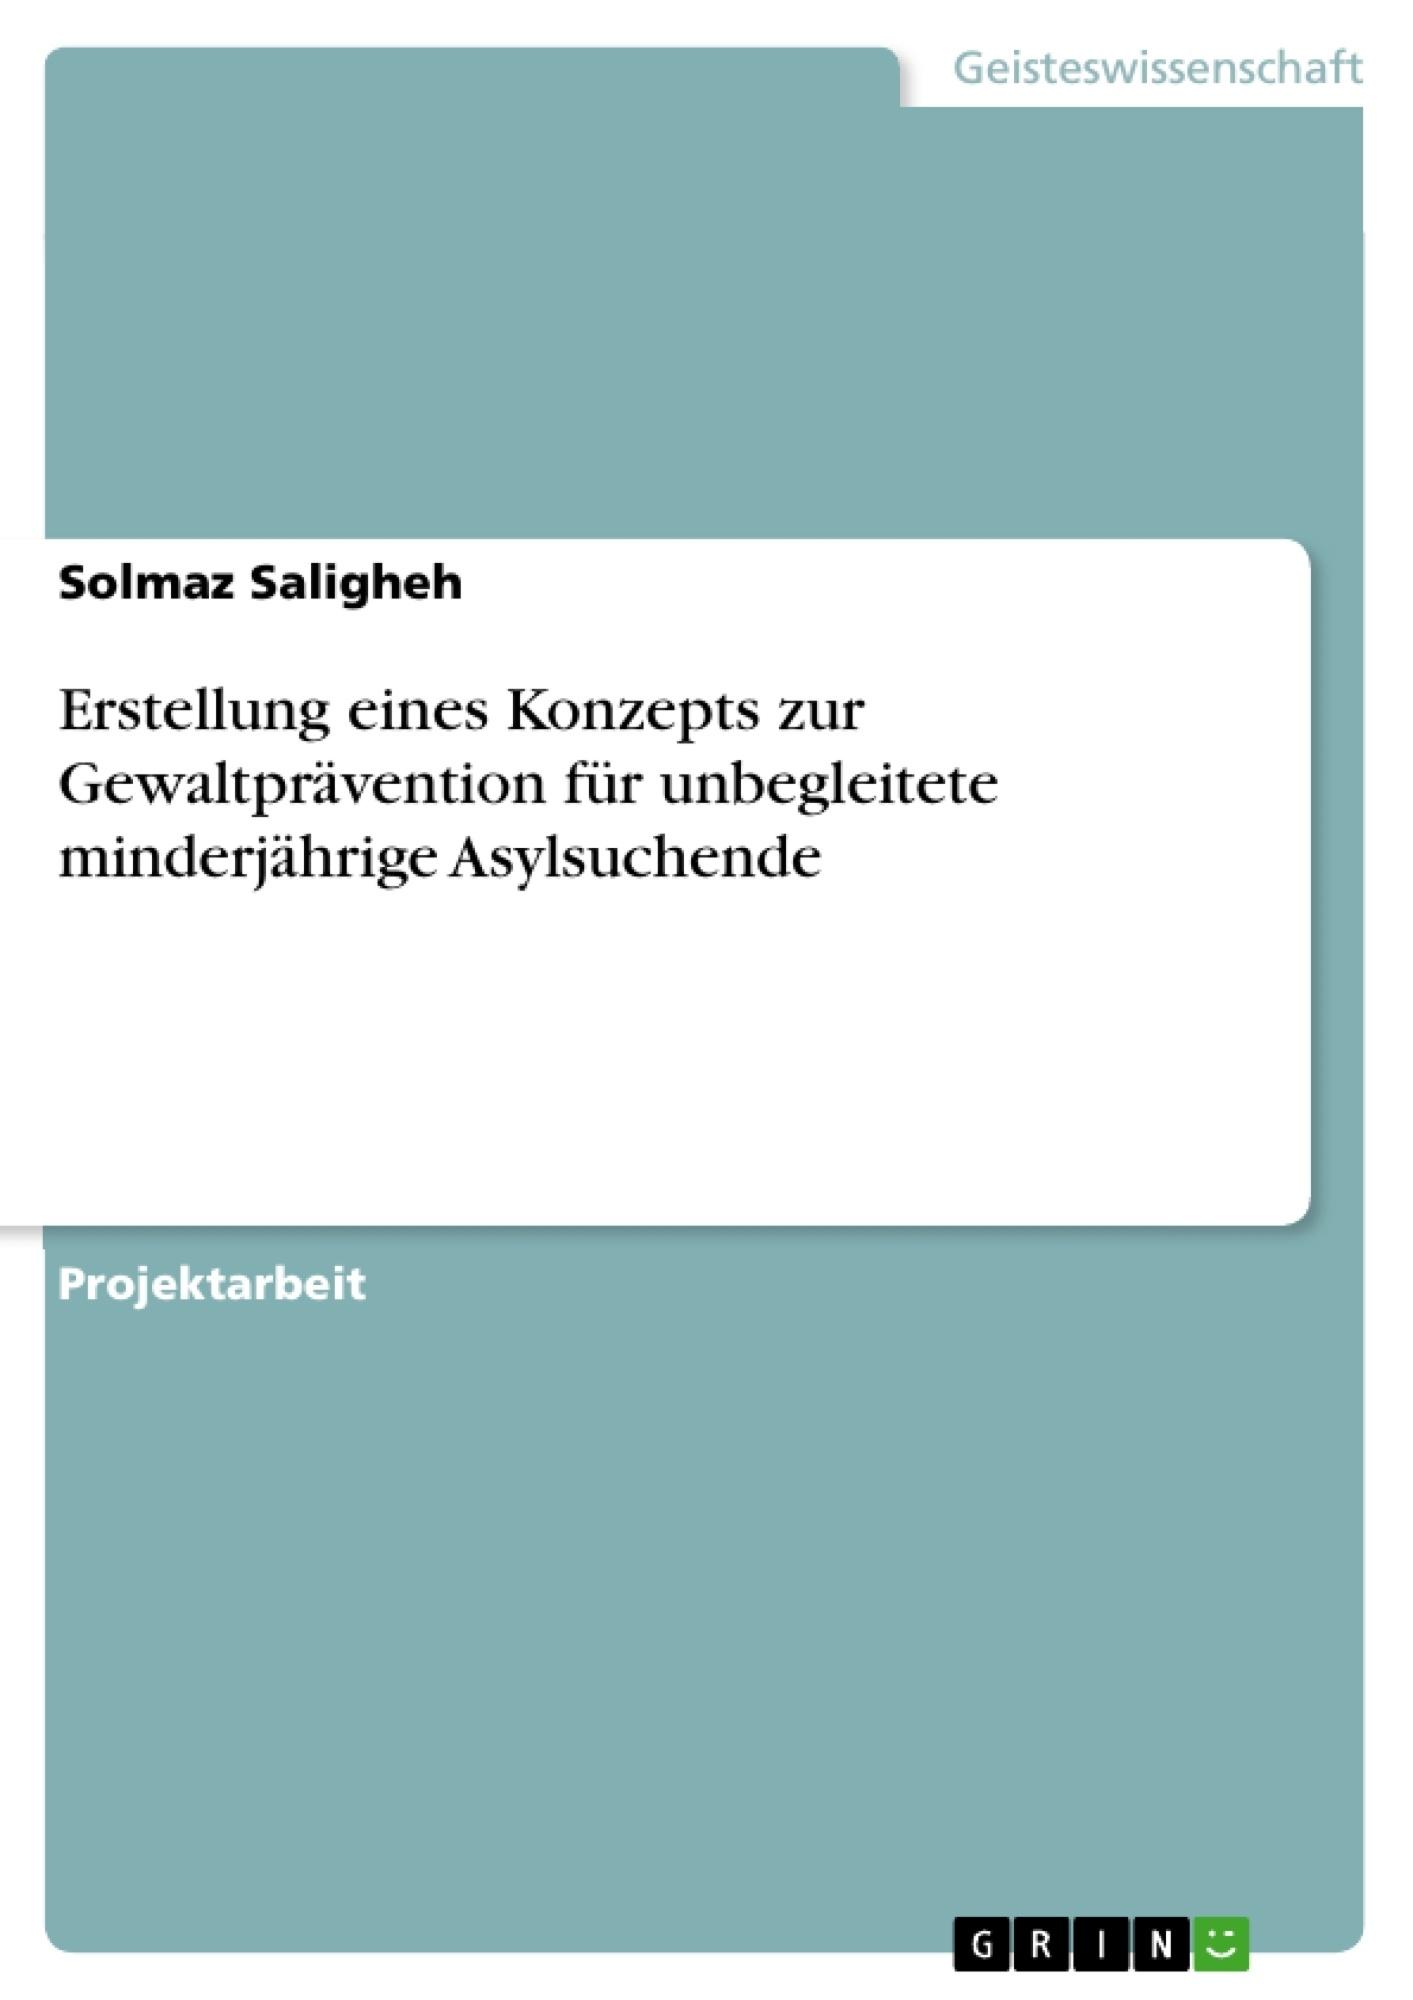 Titel: Erstellung eines Konzepts zur Gewaltprävention für unbegleitete minderjährige Asylsuchende